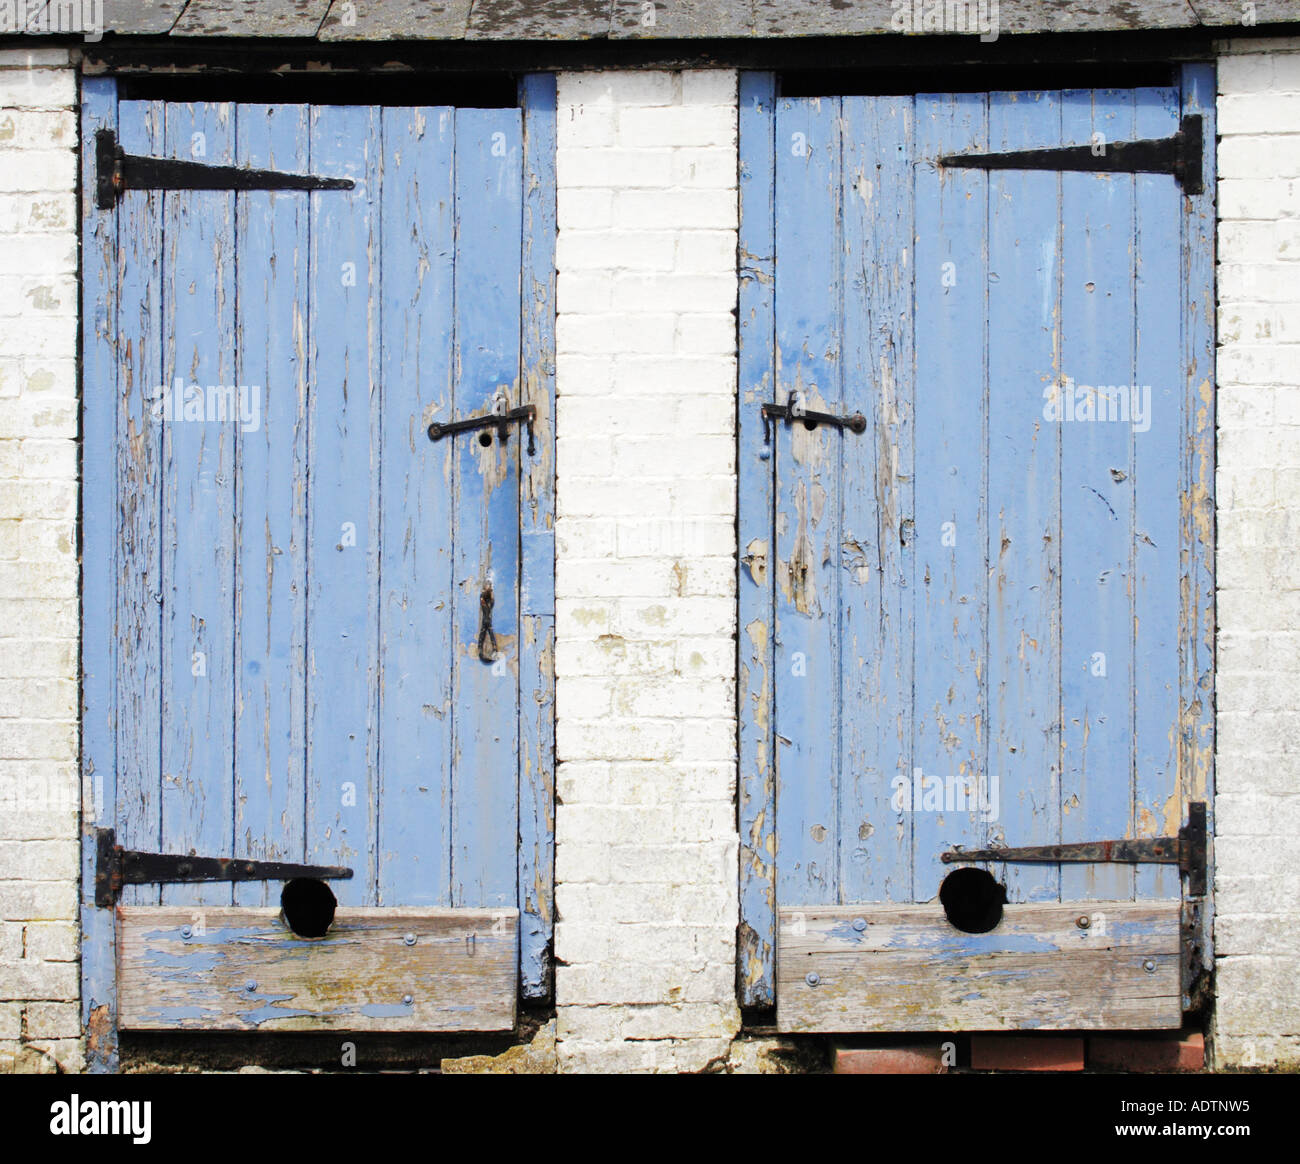 Rustic Farm Doors - Stock Image & Rustic Farm Doors Stock Photos u0026 Rustic Farm Doors Stock Images - Alamy